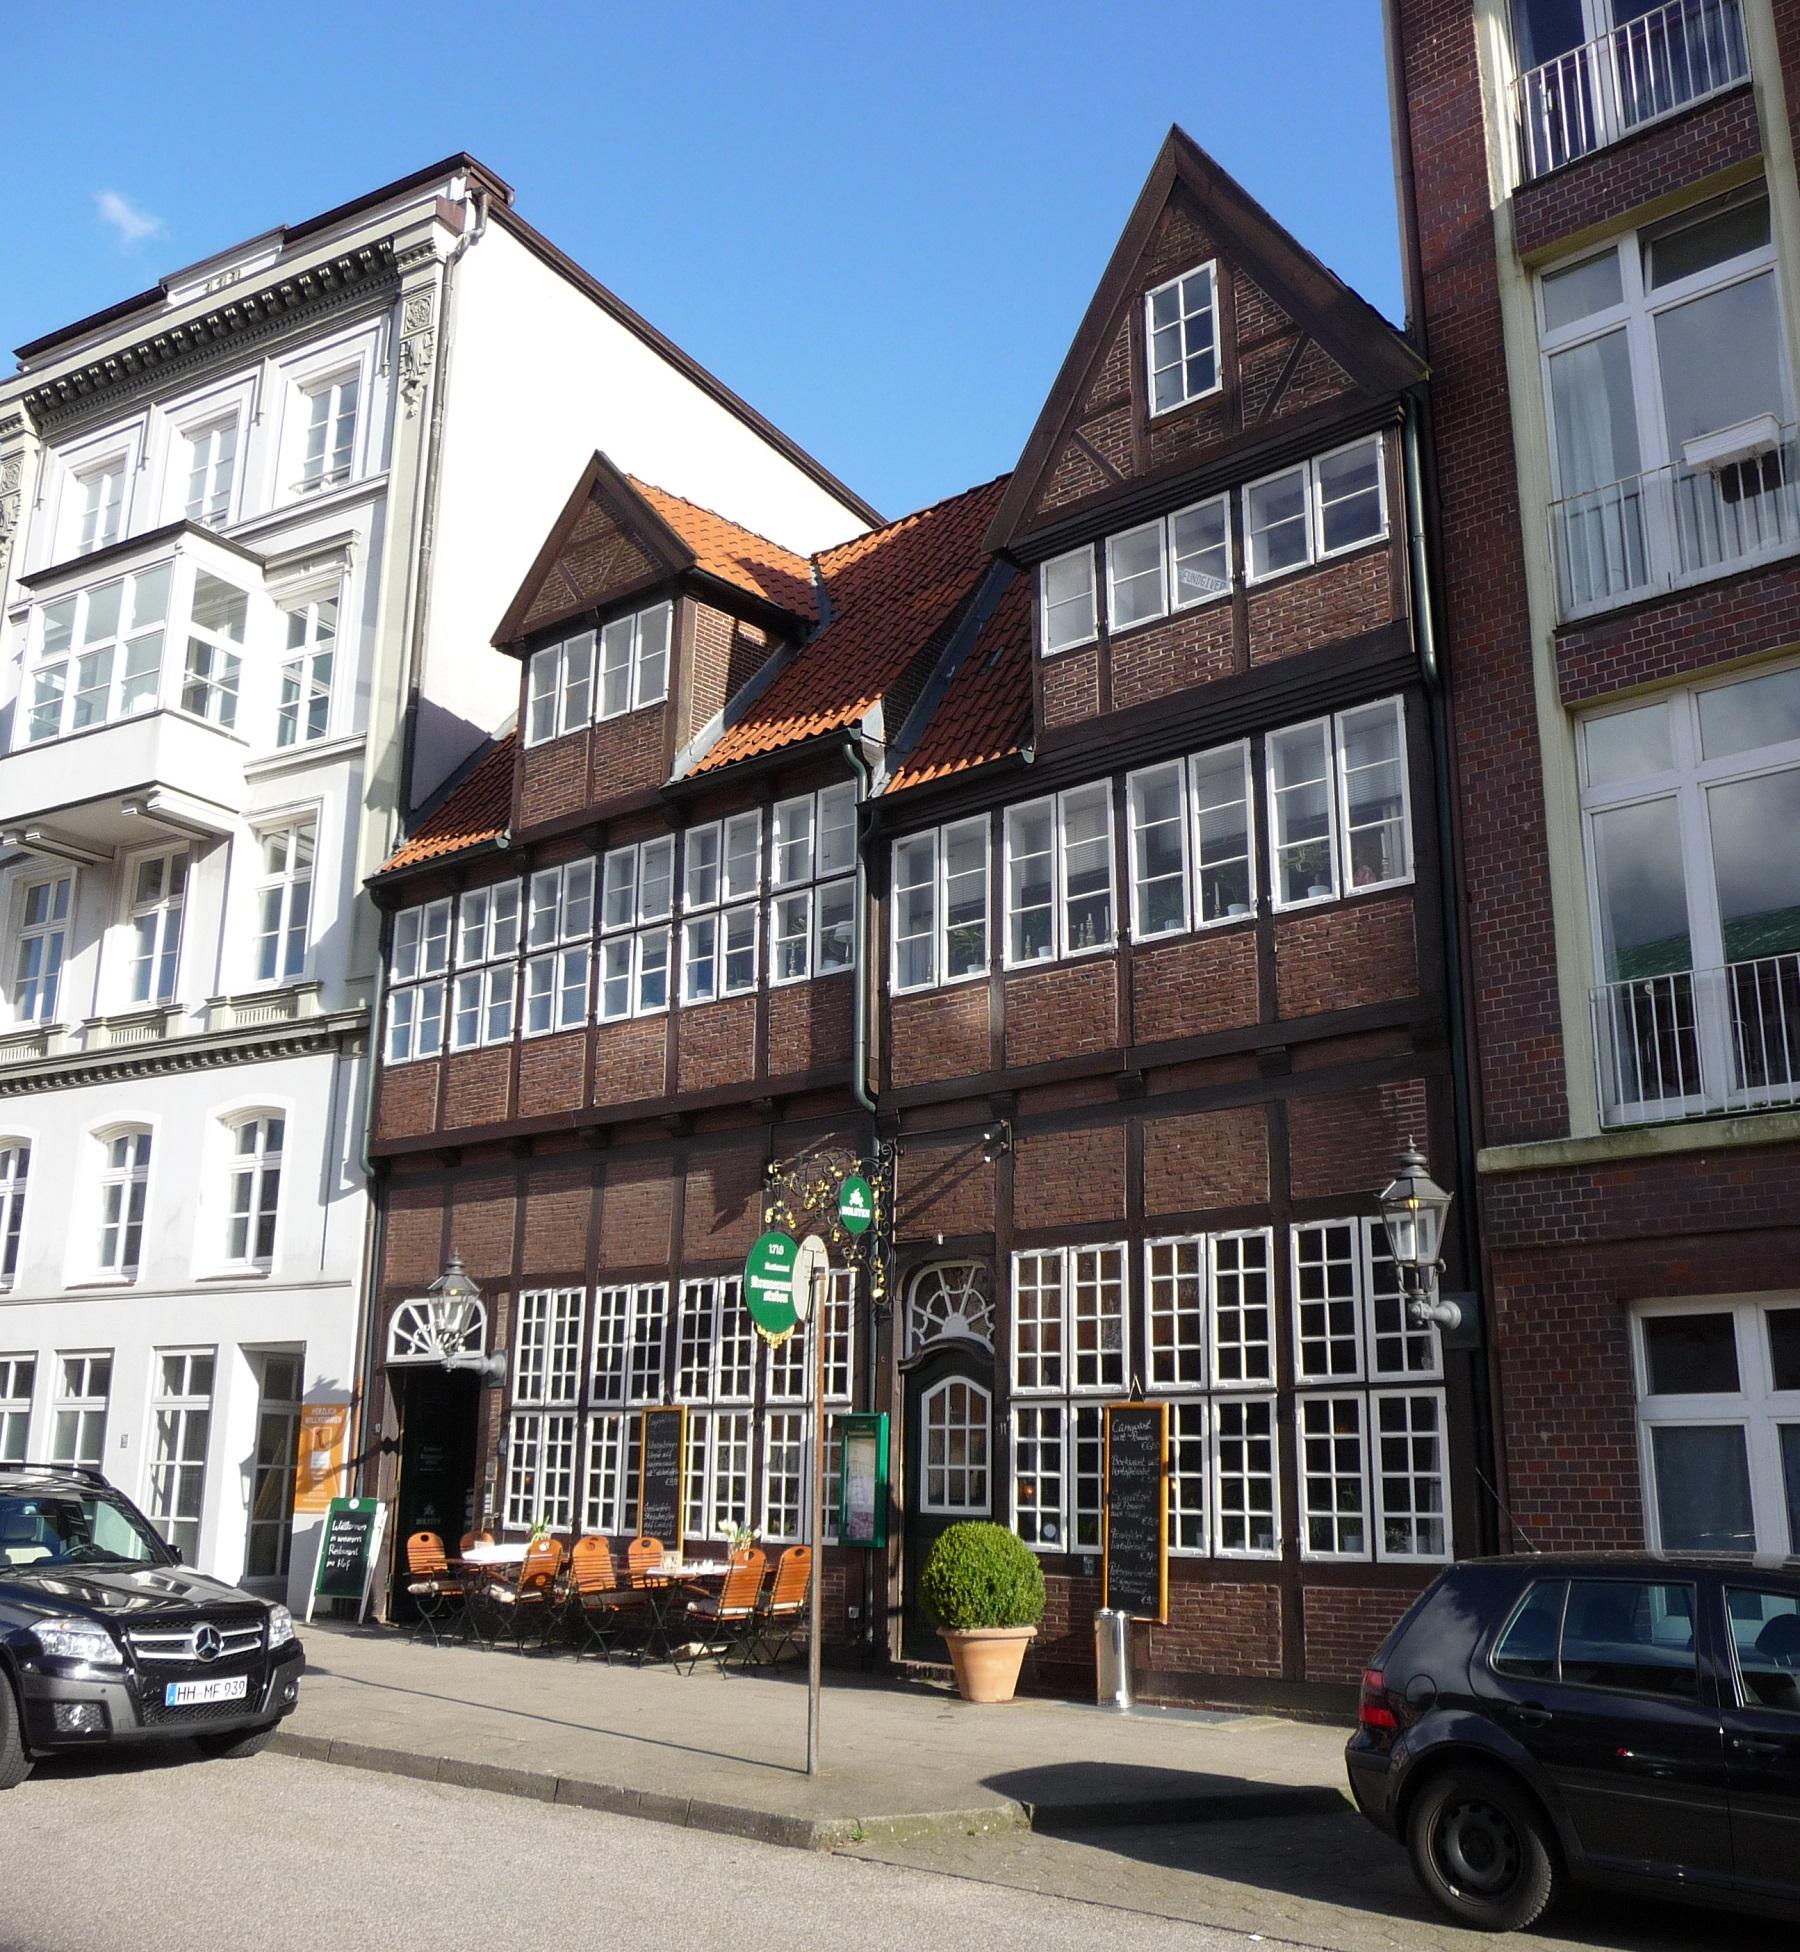 Krameramtswohnungen, Hamburg